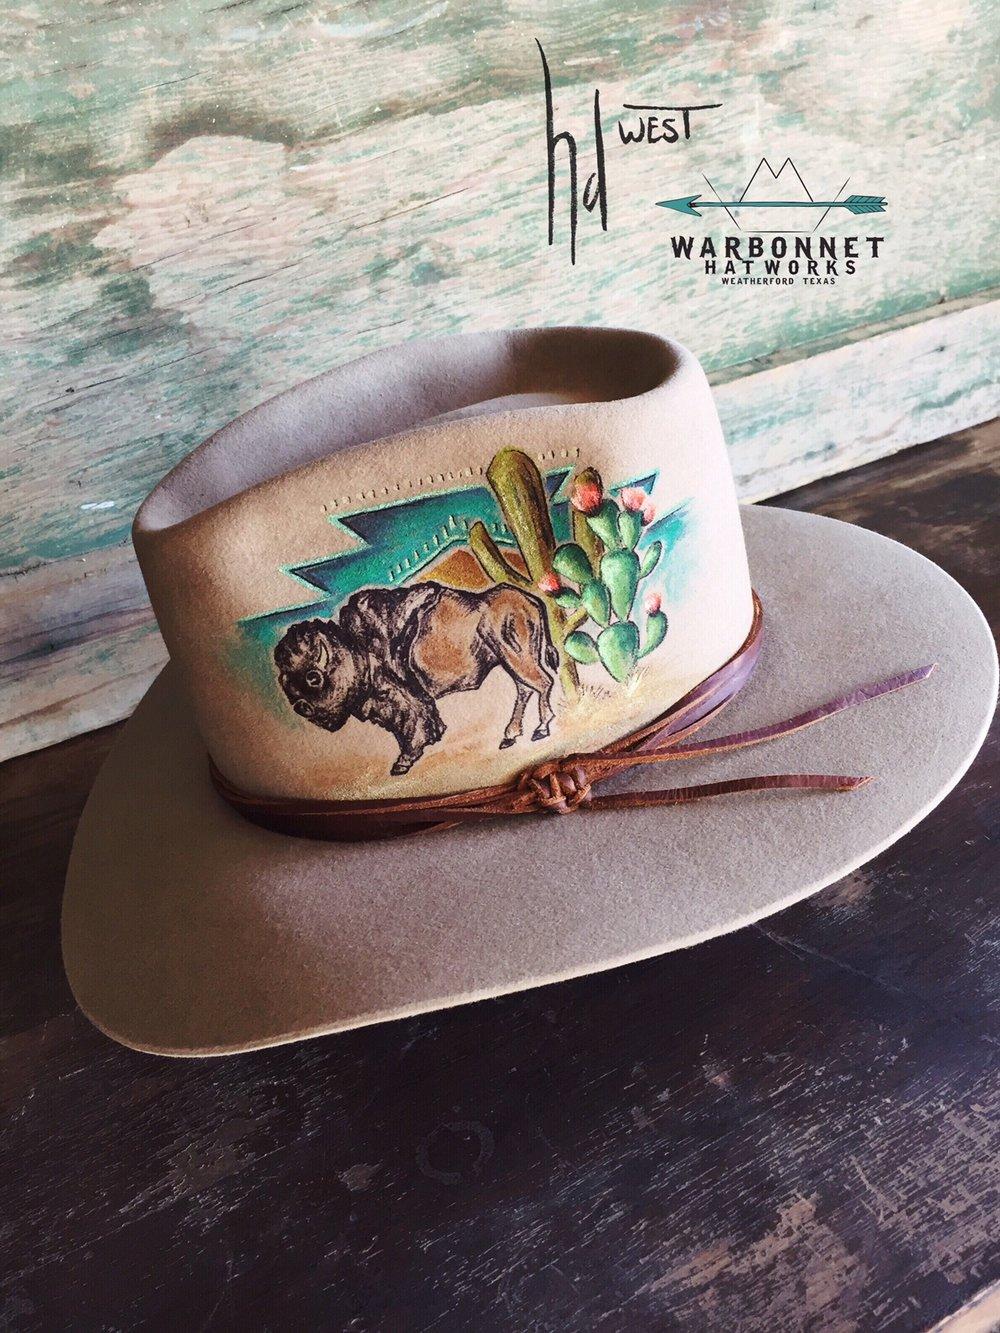 hdwest/warbonnet hat